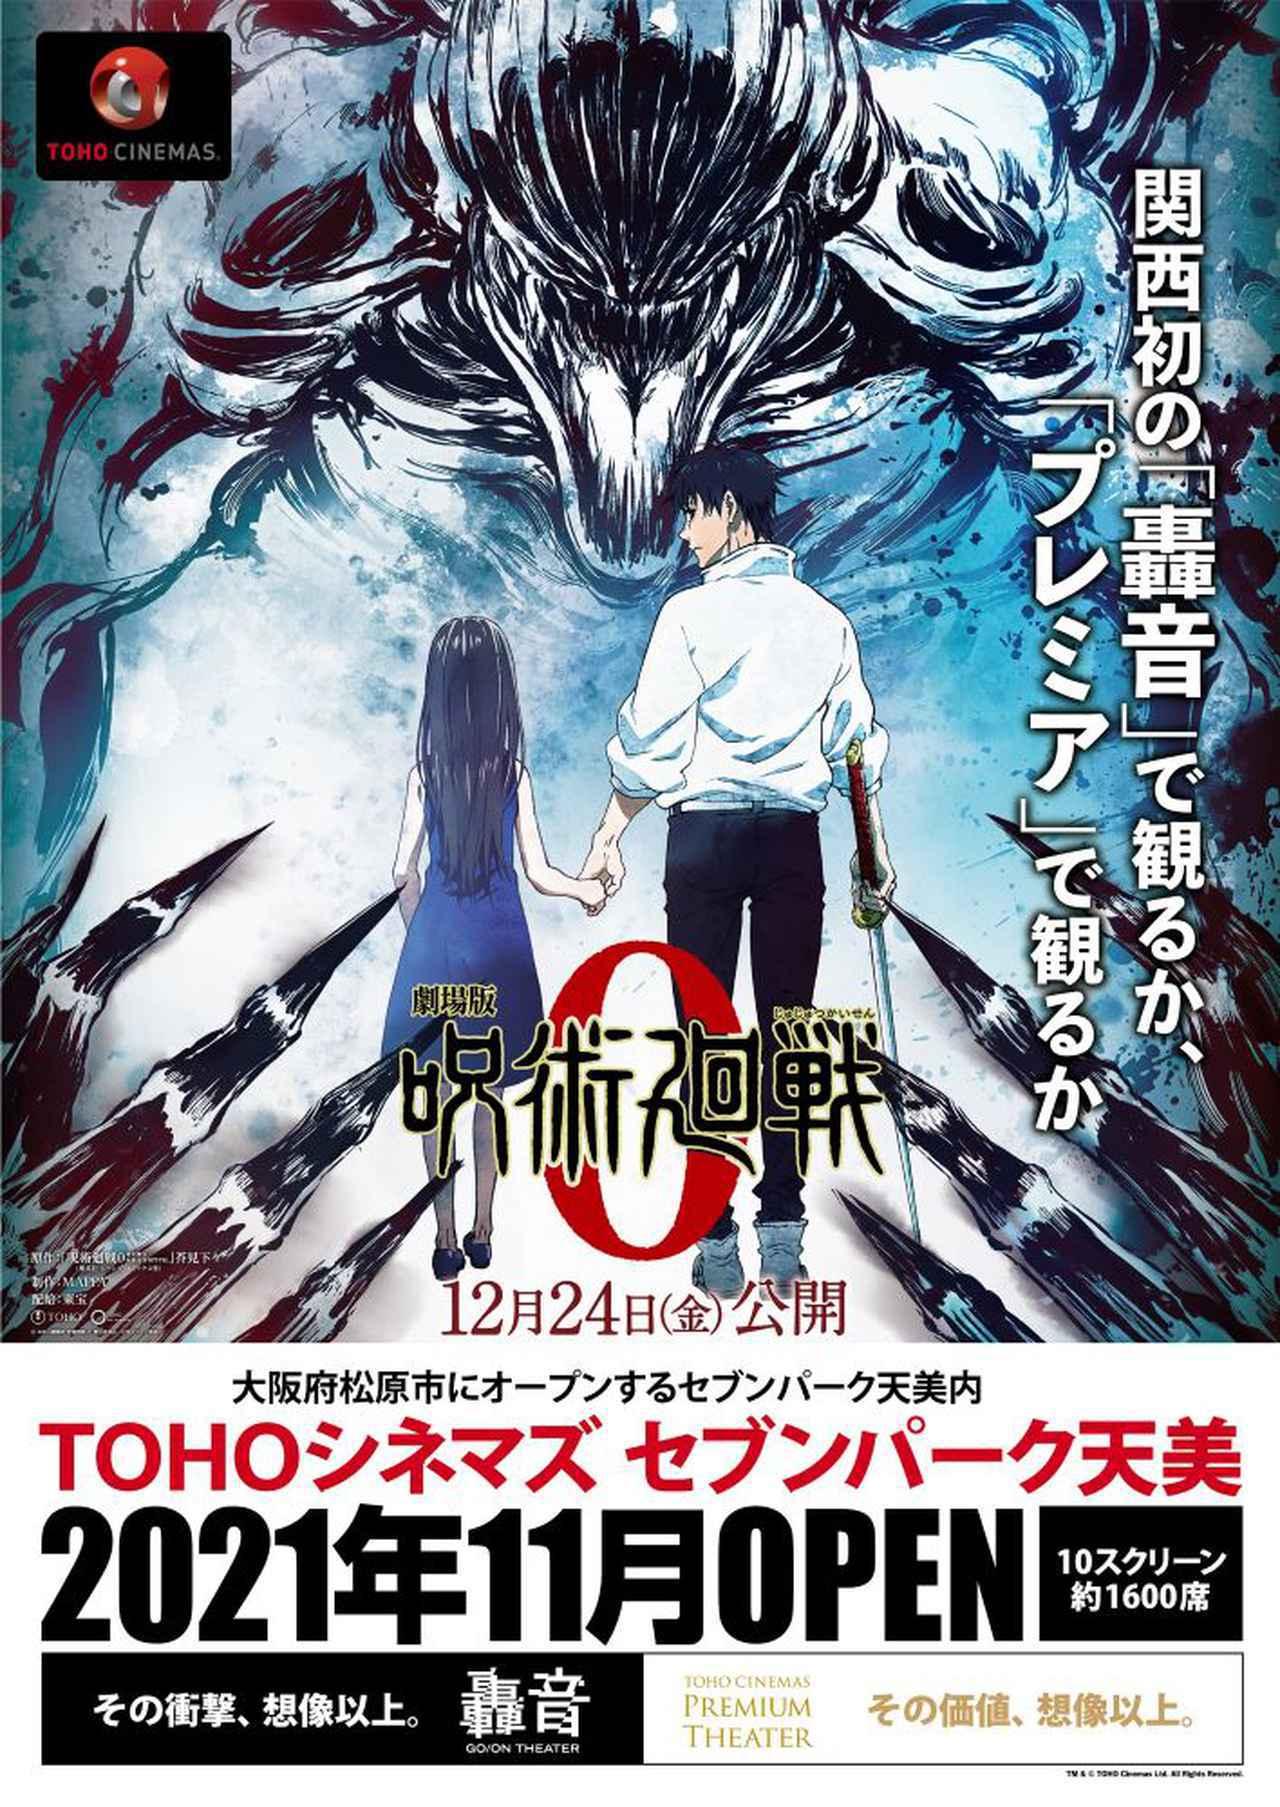 画像3: TOHOシネマズ、11月オープンの「TOHOシネマズ セブンパーク天美」に、関西初となる「プレミアムシアター」「轟音シアター」の導入を決定